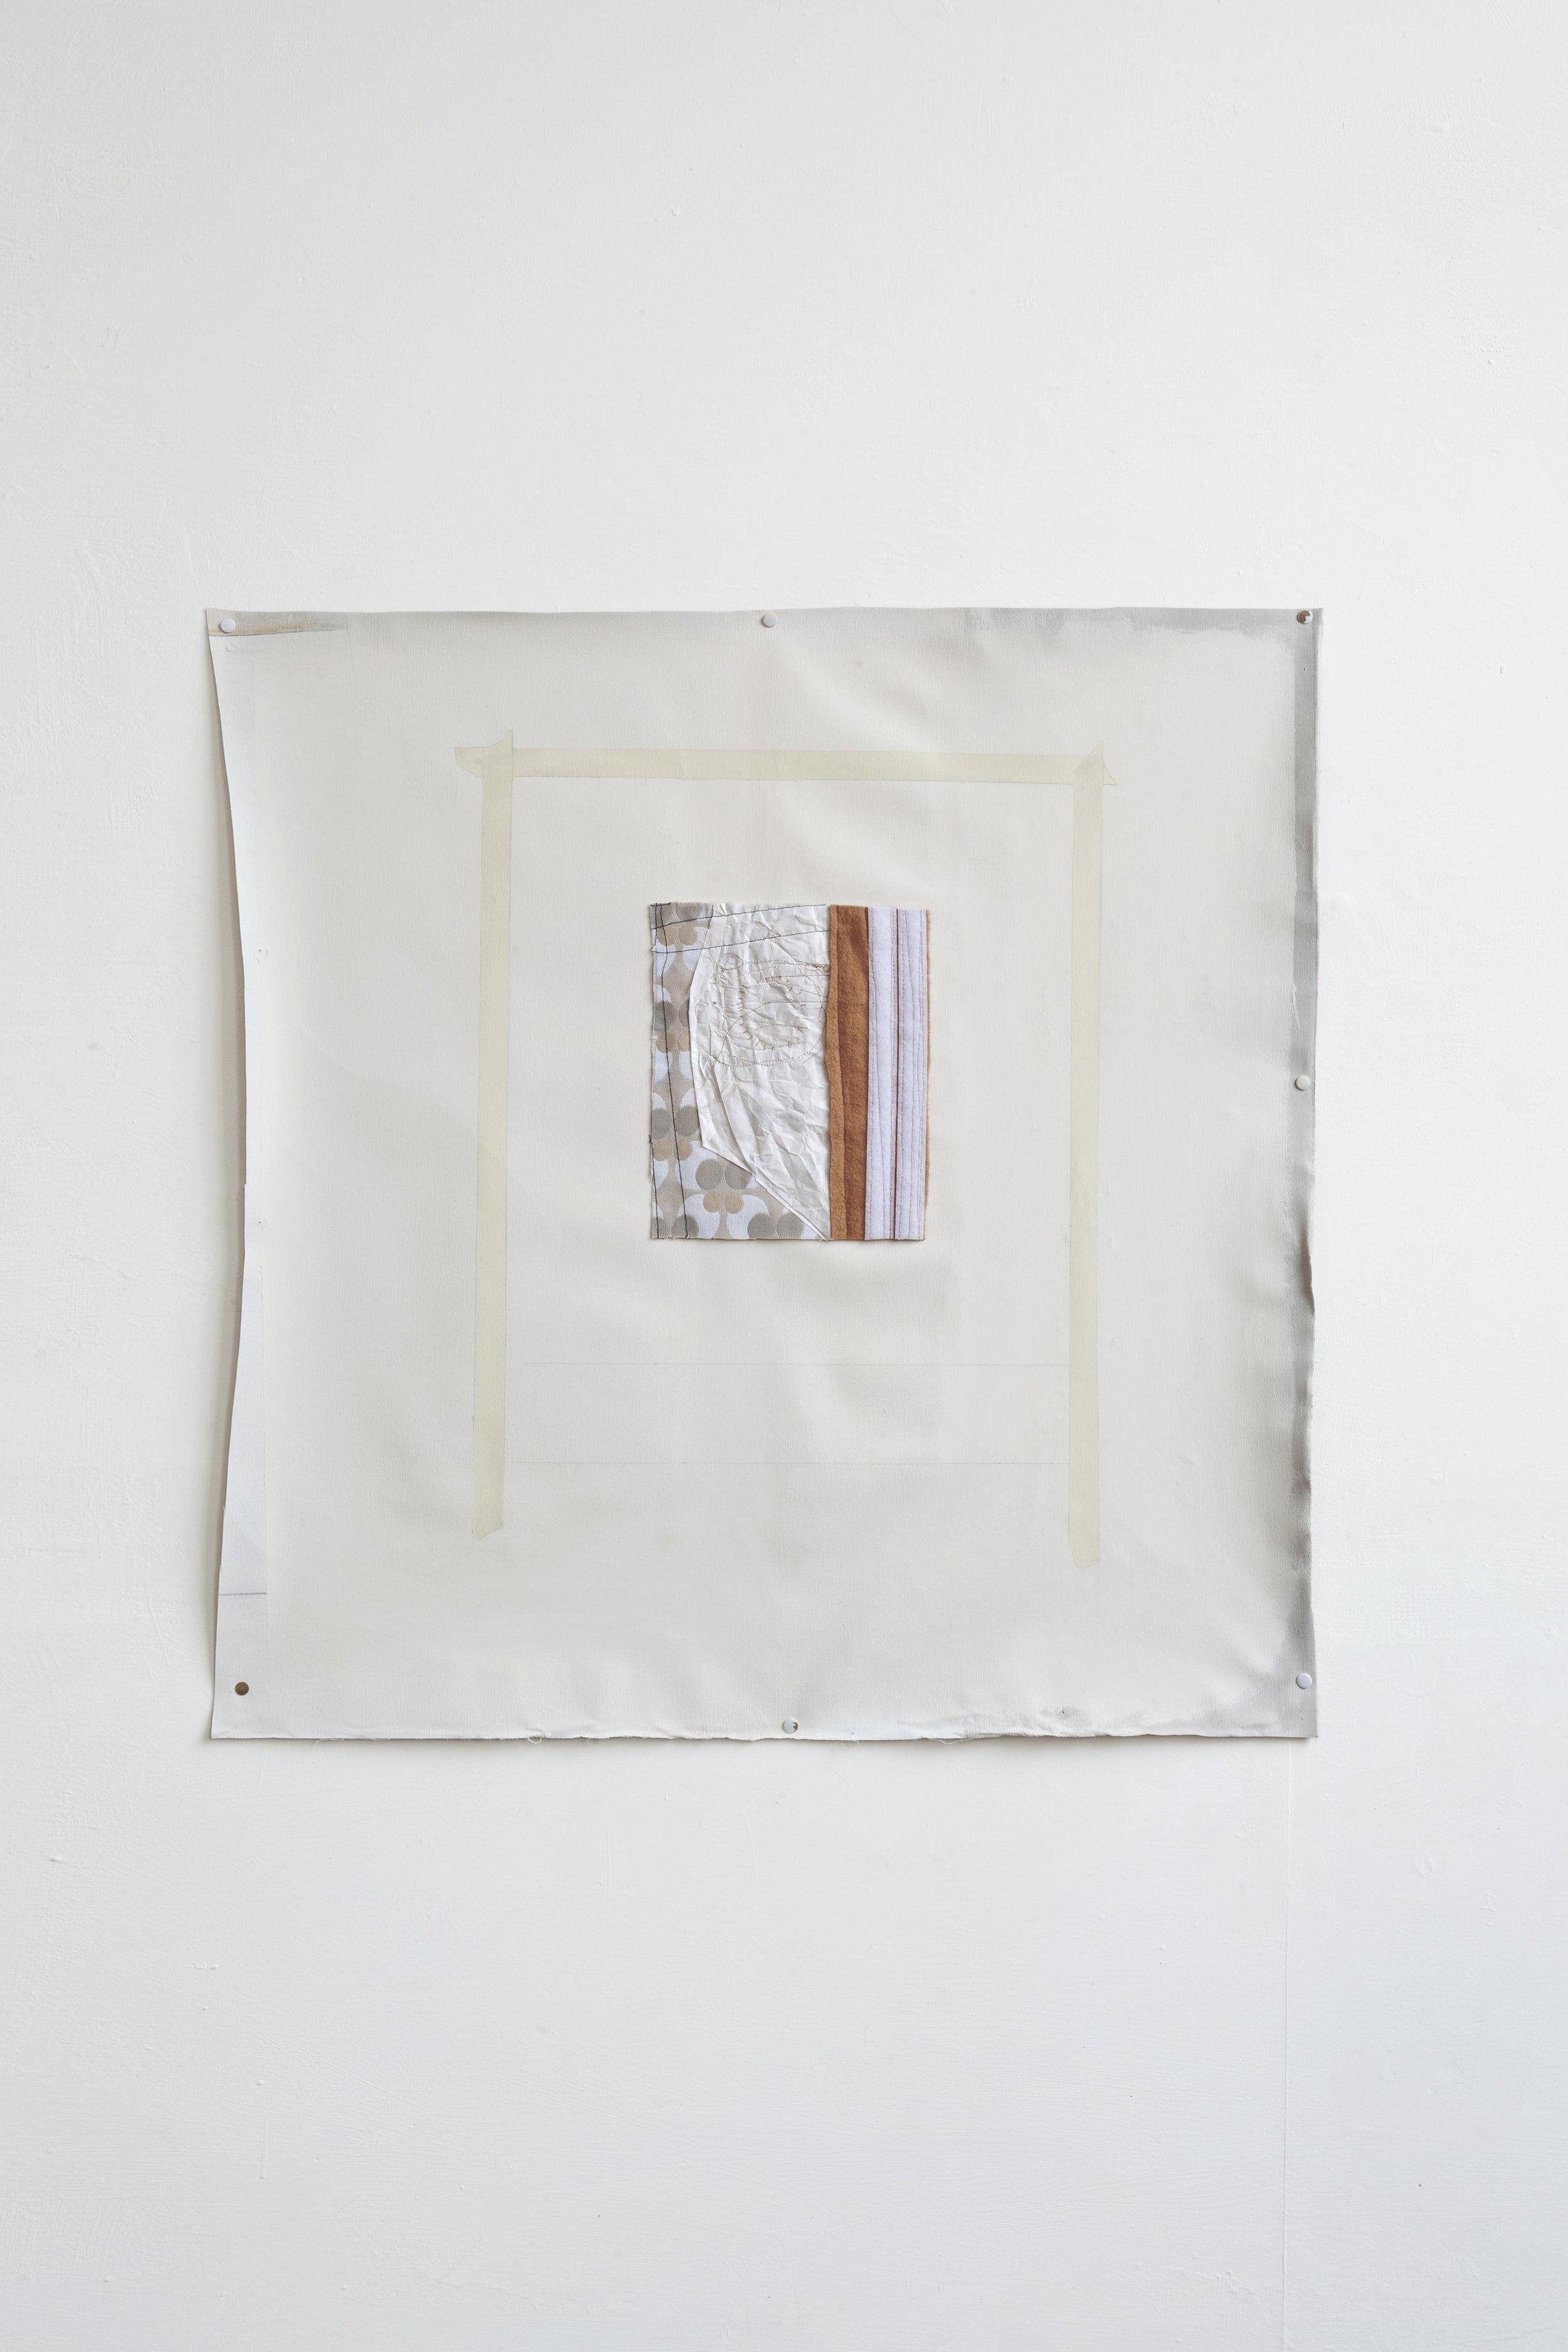 Do, undo, redo – fabric drawing #25  2017/19 - acrilico su tela e tecnica mista su tessuto - cm 77x74  Foto Nicola Belluzzi